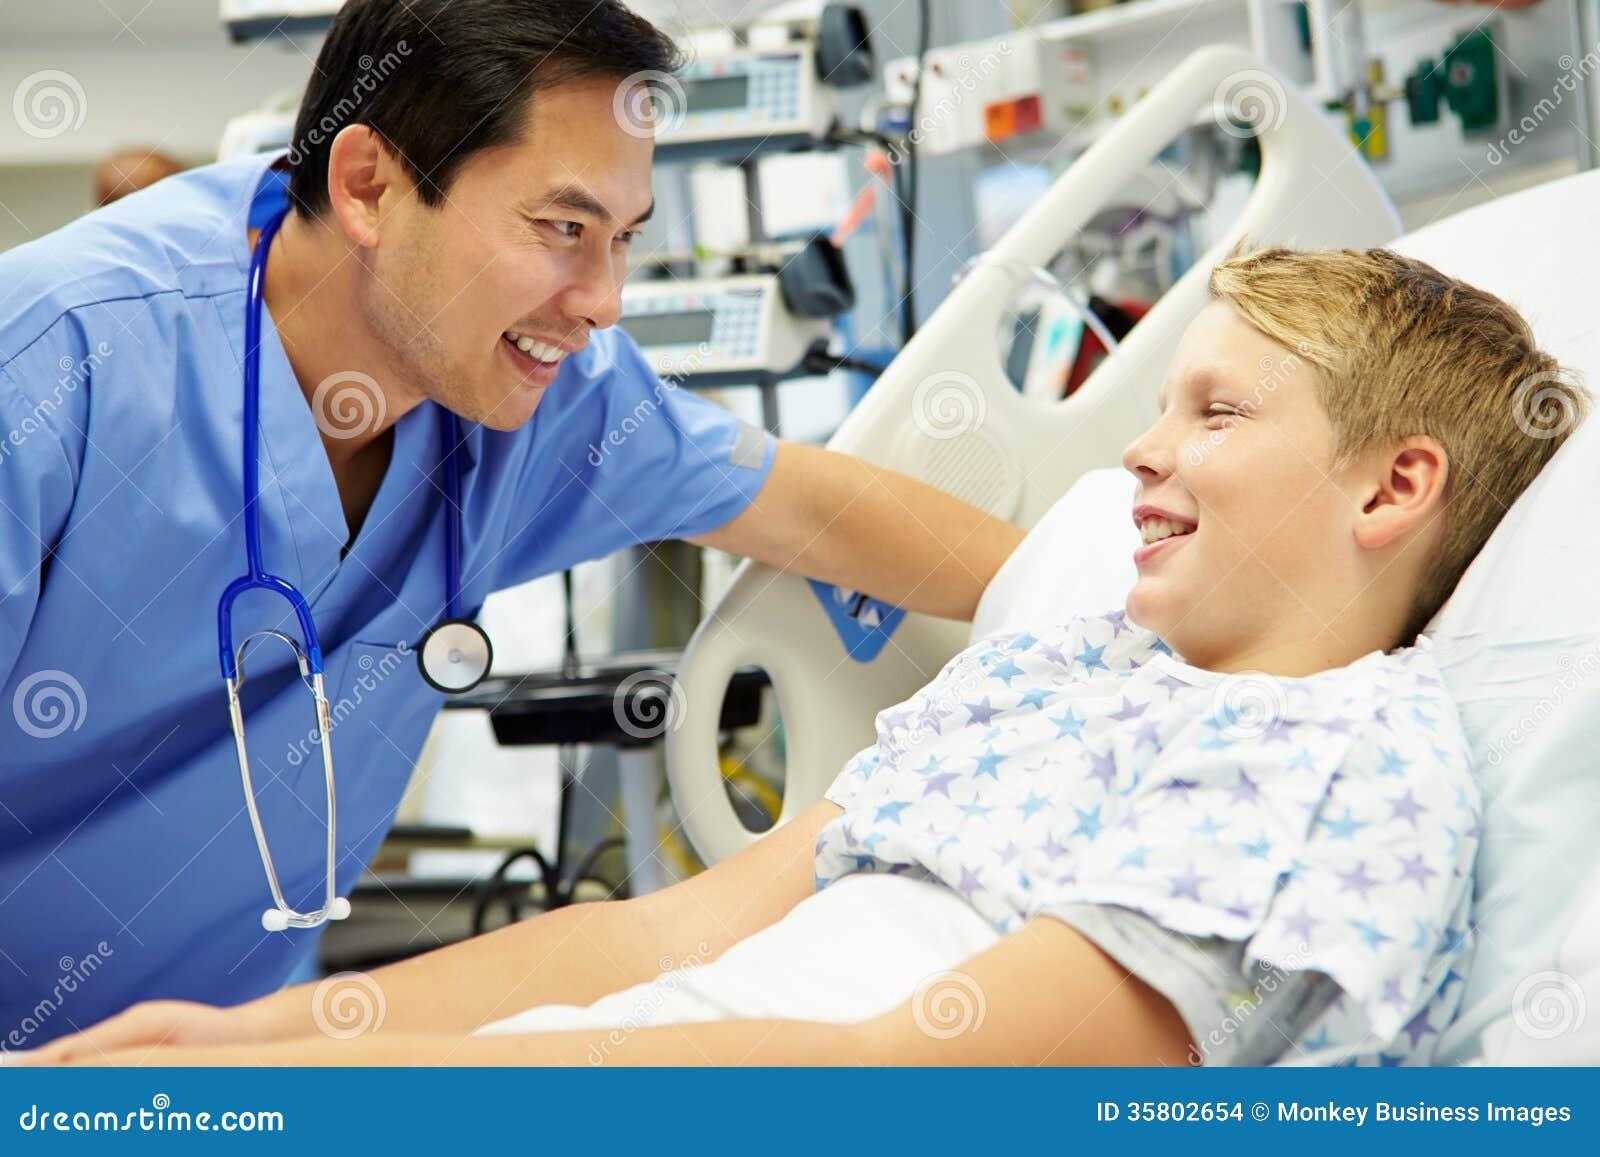 Boy Talking To Male Nurse In Emergency Room Stock Photo